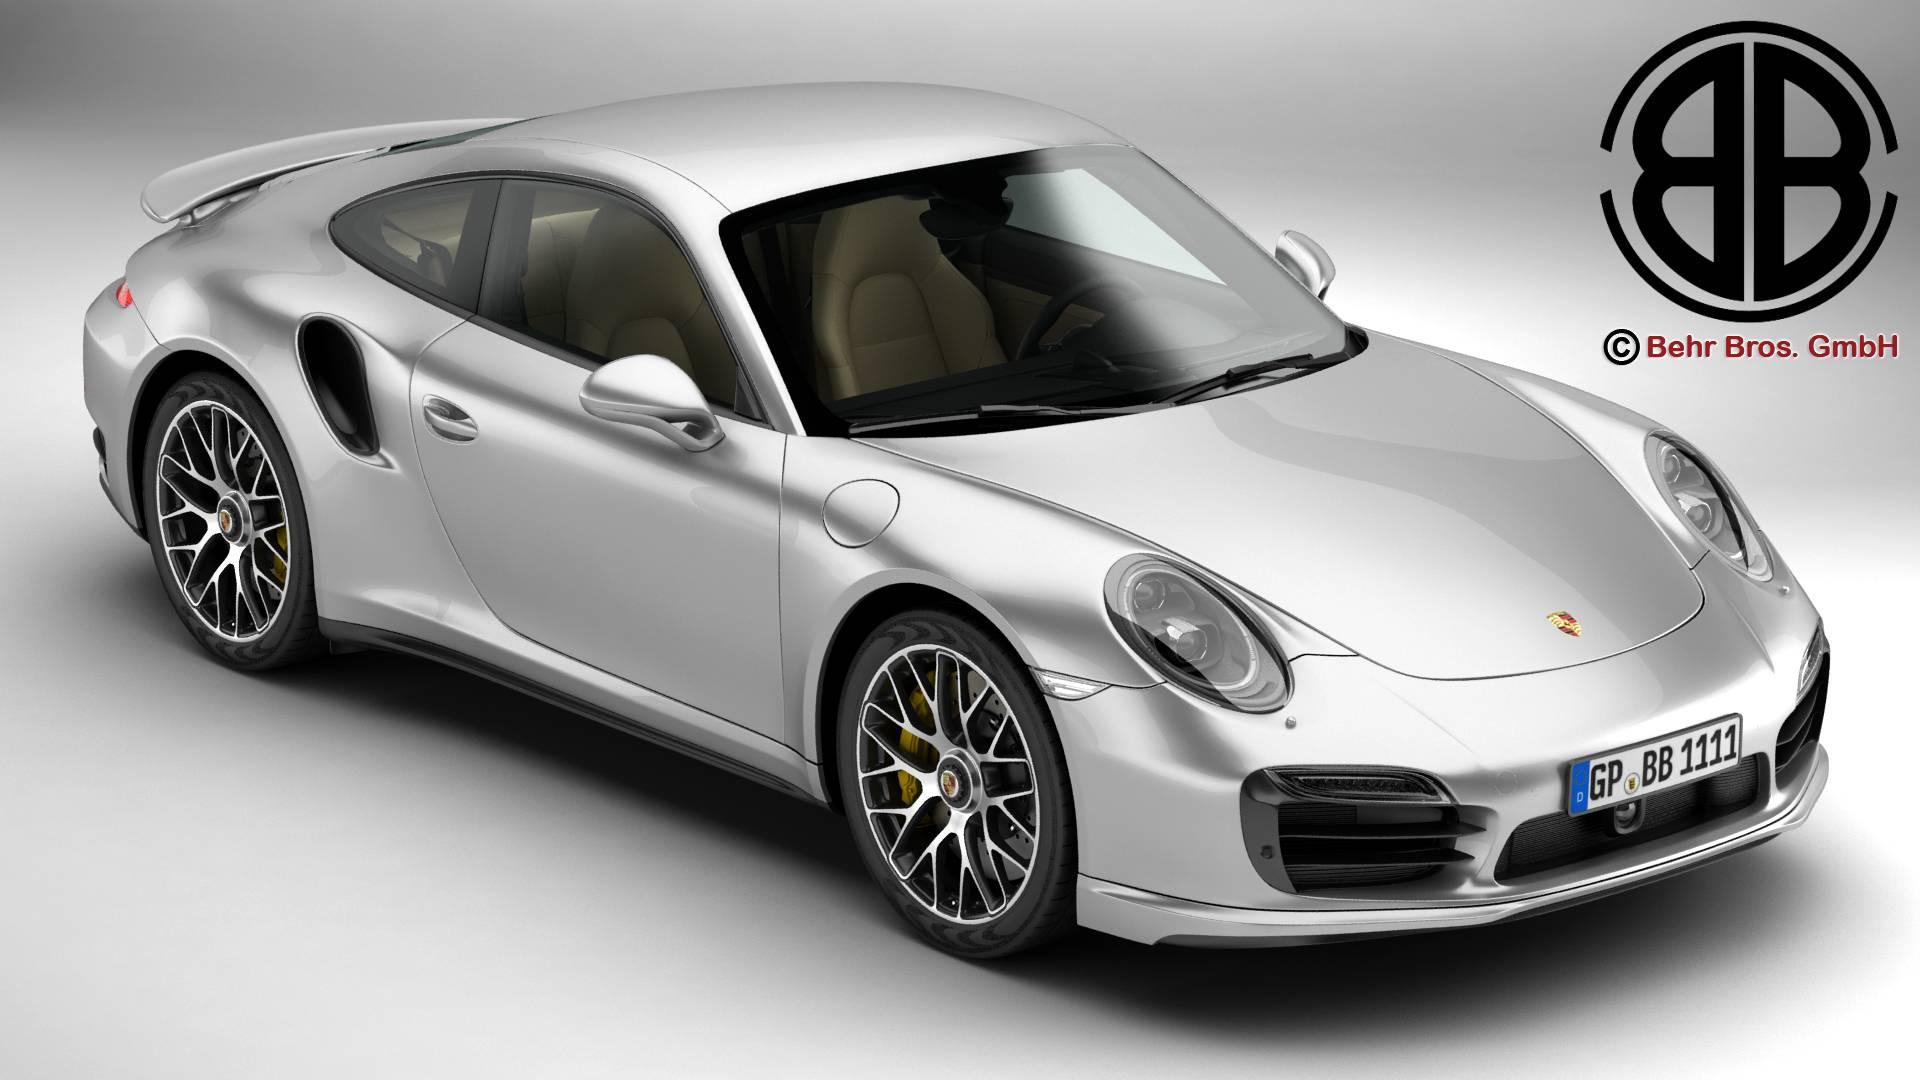 porsche 911 turbo s 2014 15468kb jpg by behr_bros